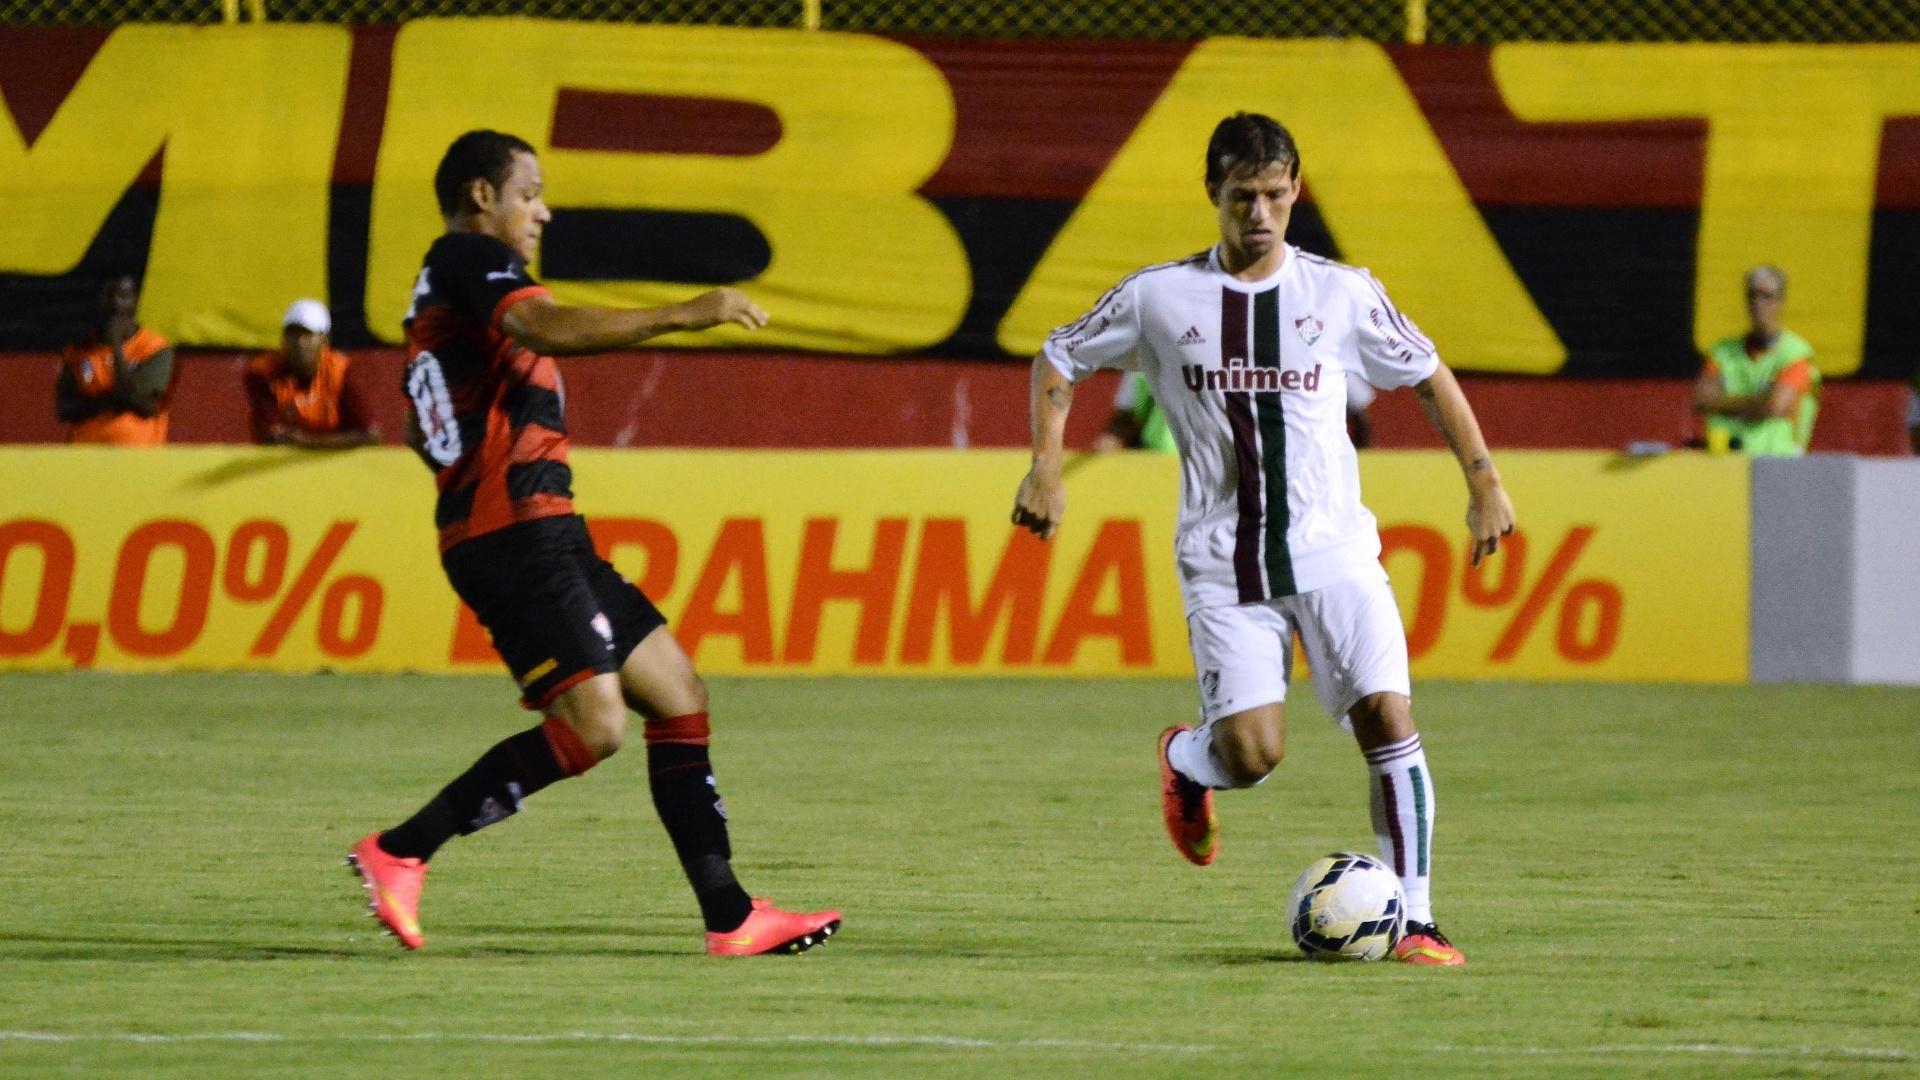 Diguinho sai jogando para o Fluminense contra o Vitória pelo Brasileirão